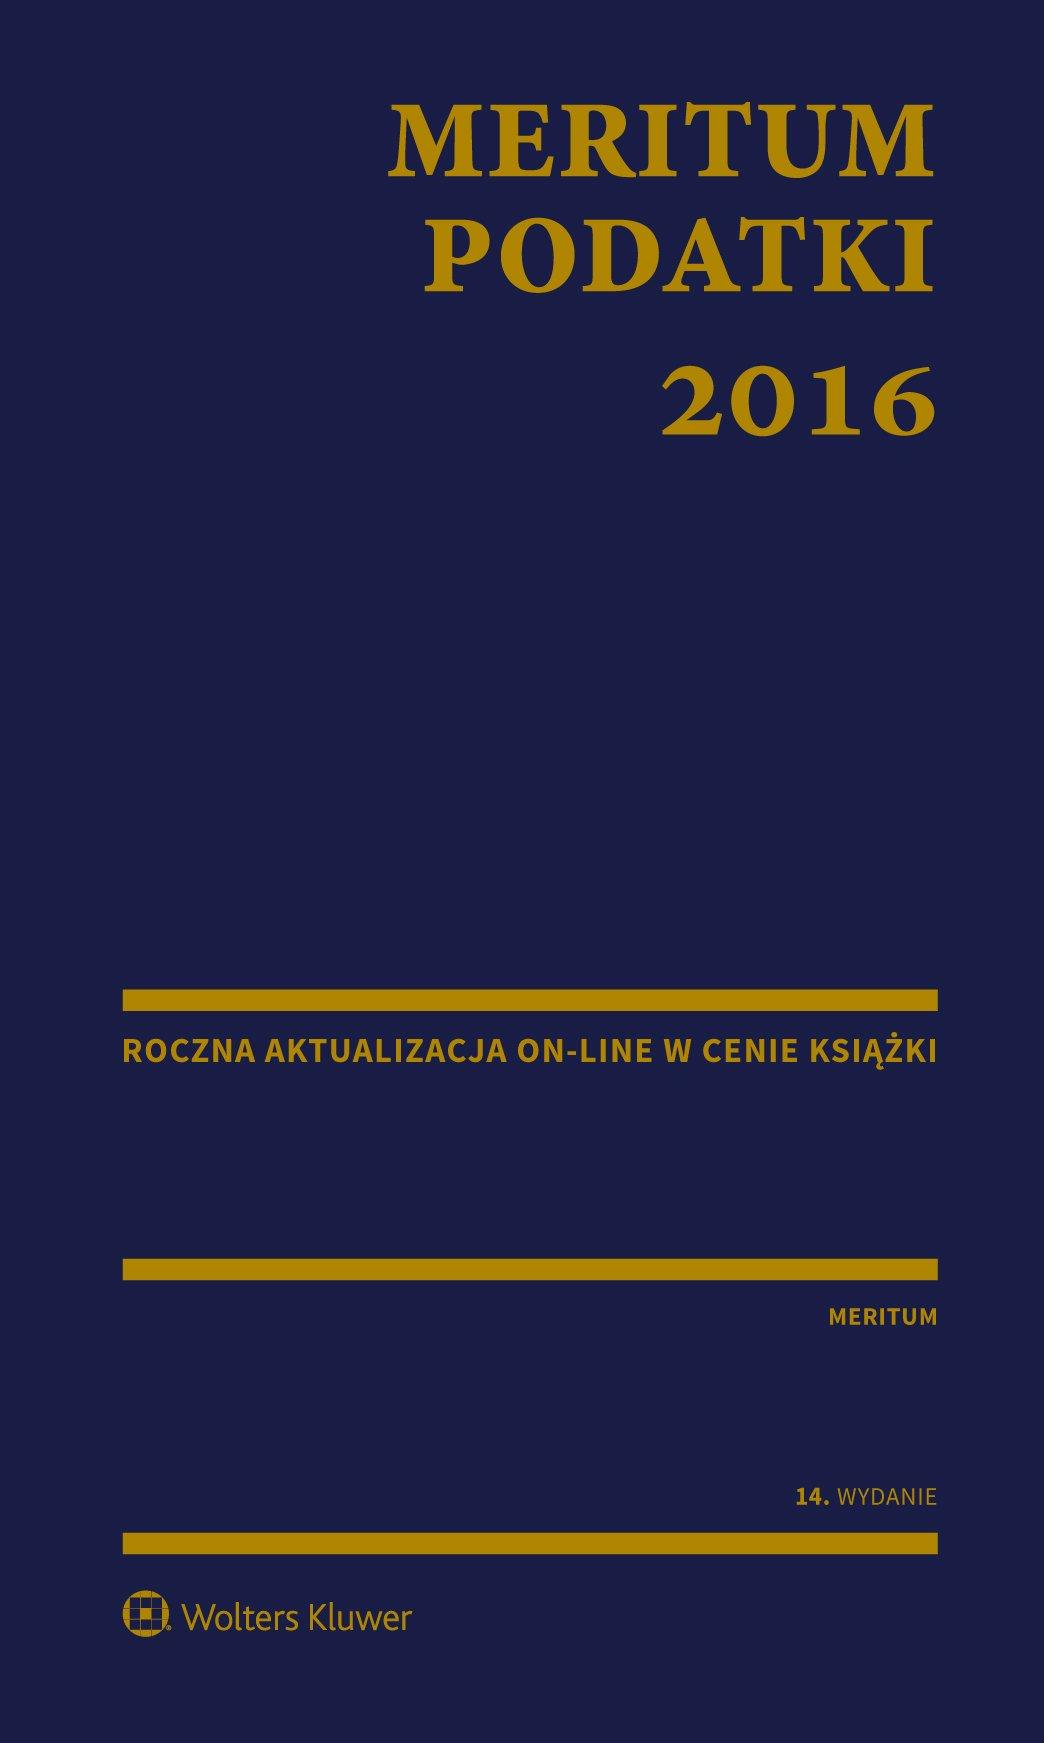 MERITUM Podatki 2016 - Ebook (Książka PDF) do pobrania w formacie PDF